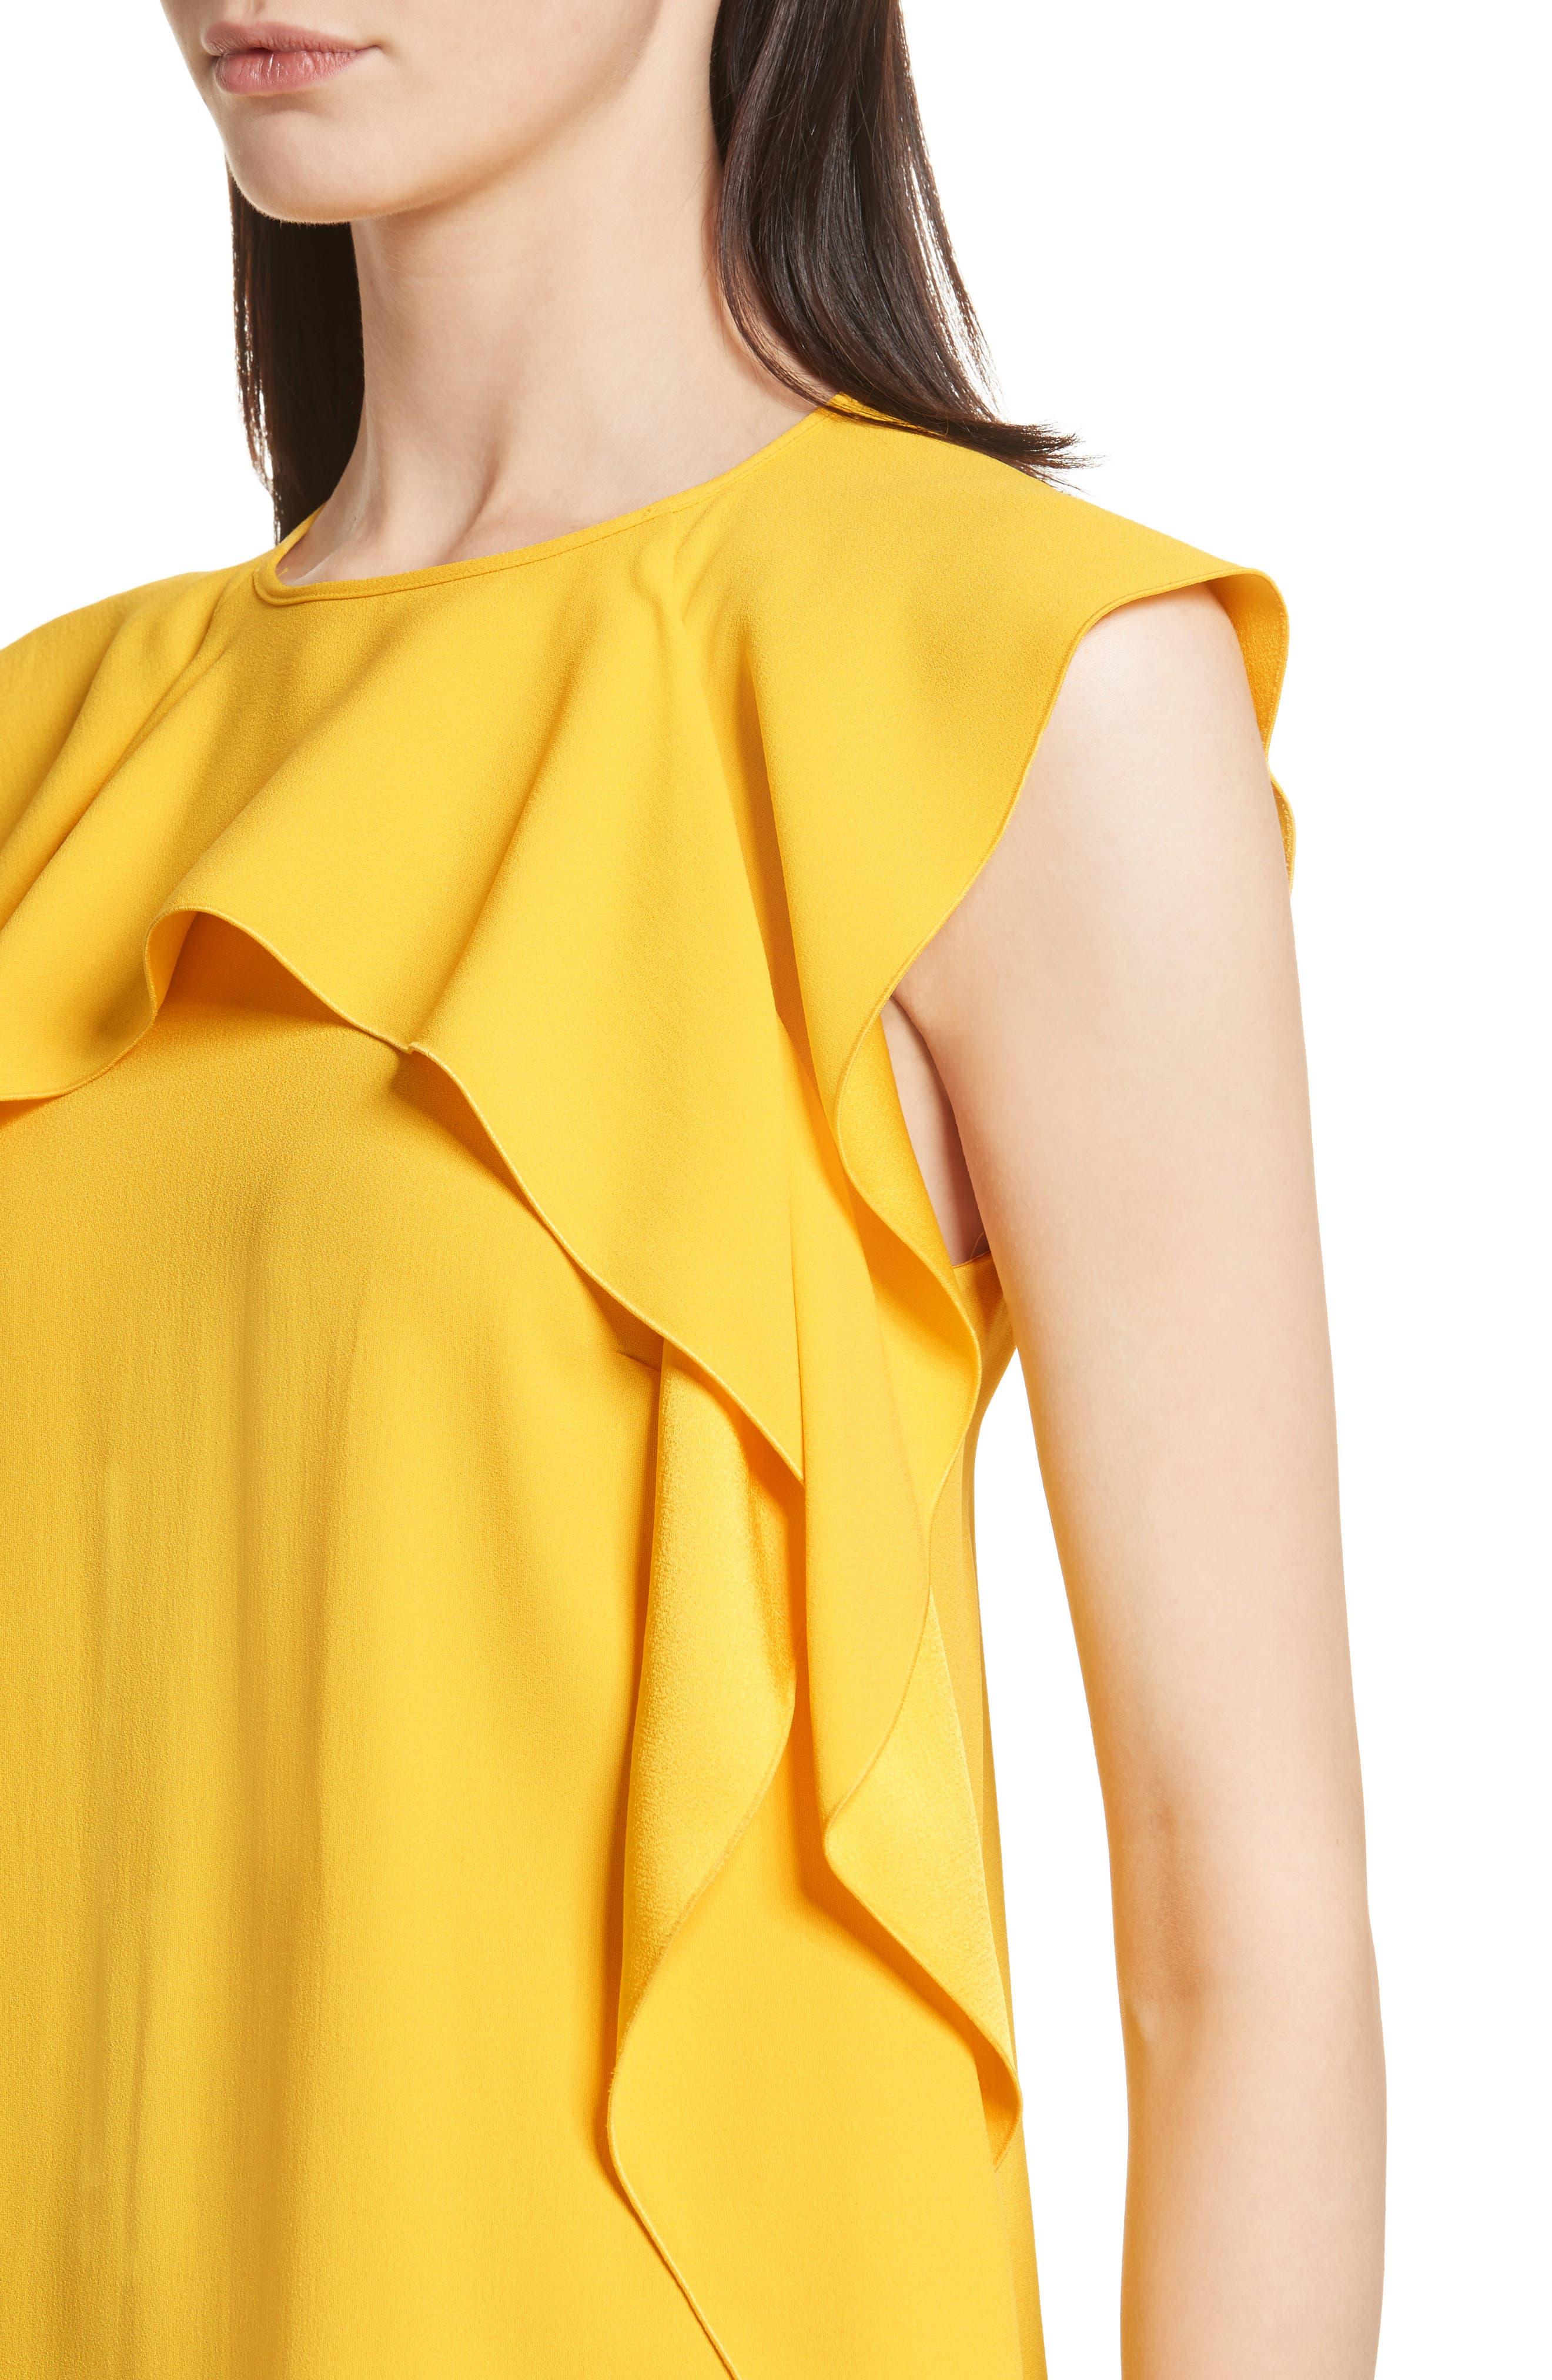 Ruffle Satin Back Crepe Dress,                             Alternate thumbnail 4, color,                             700